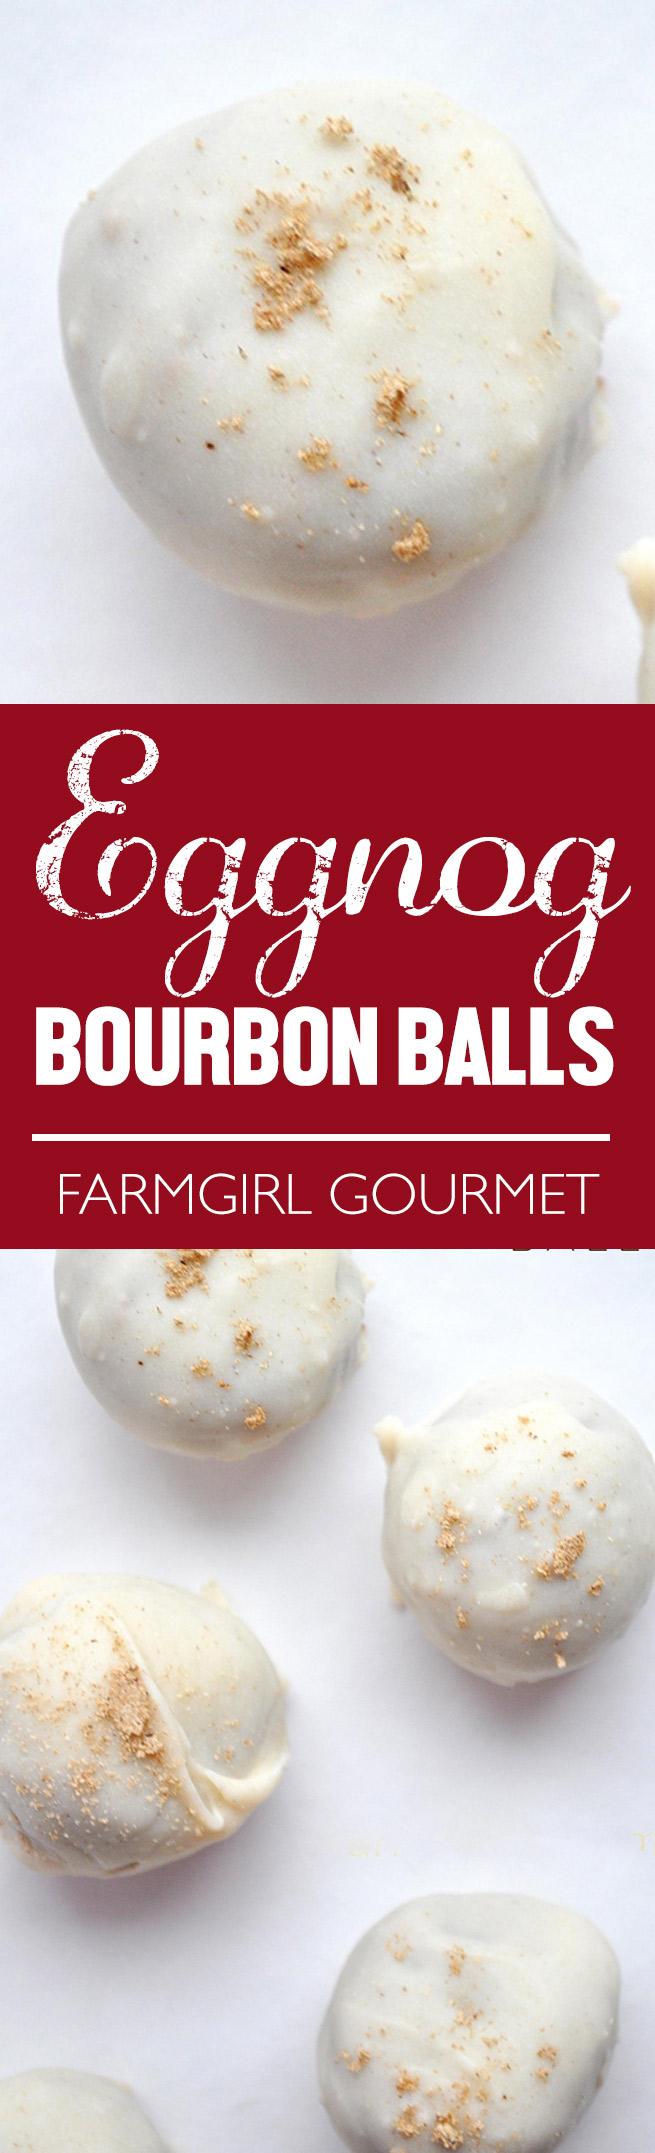 Eggnog Bourbon Balls recipe   farmgirlgourmet.com